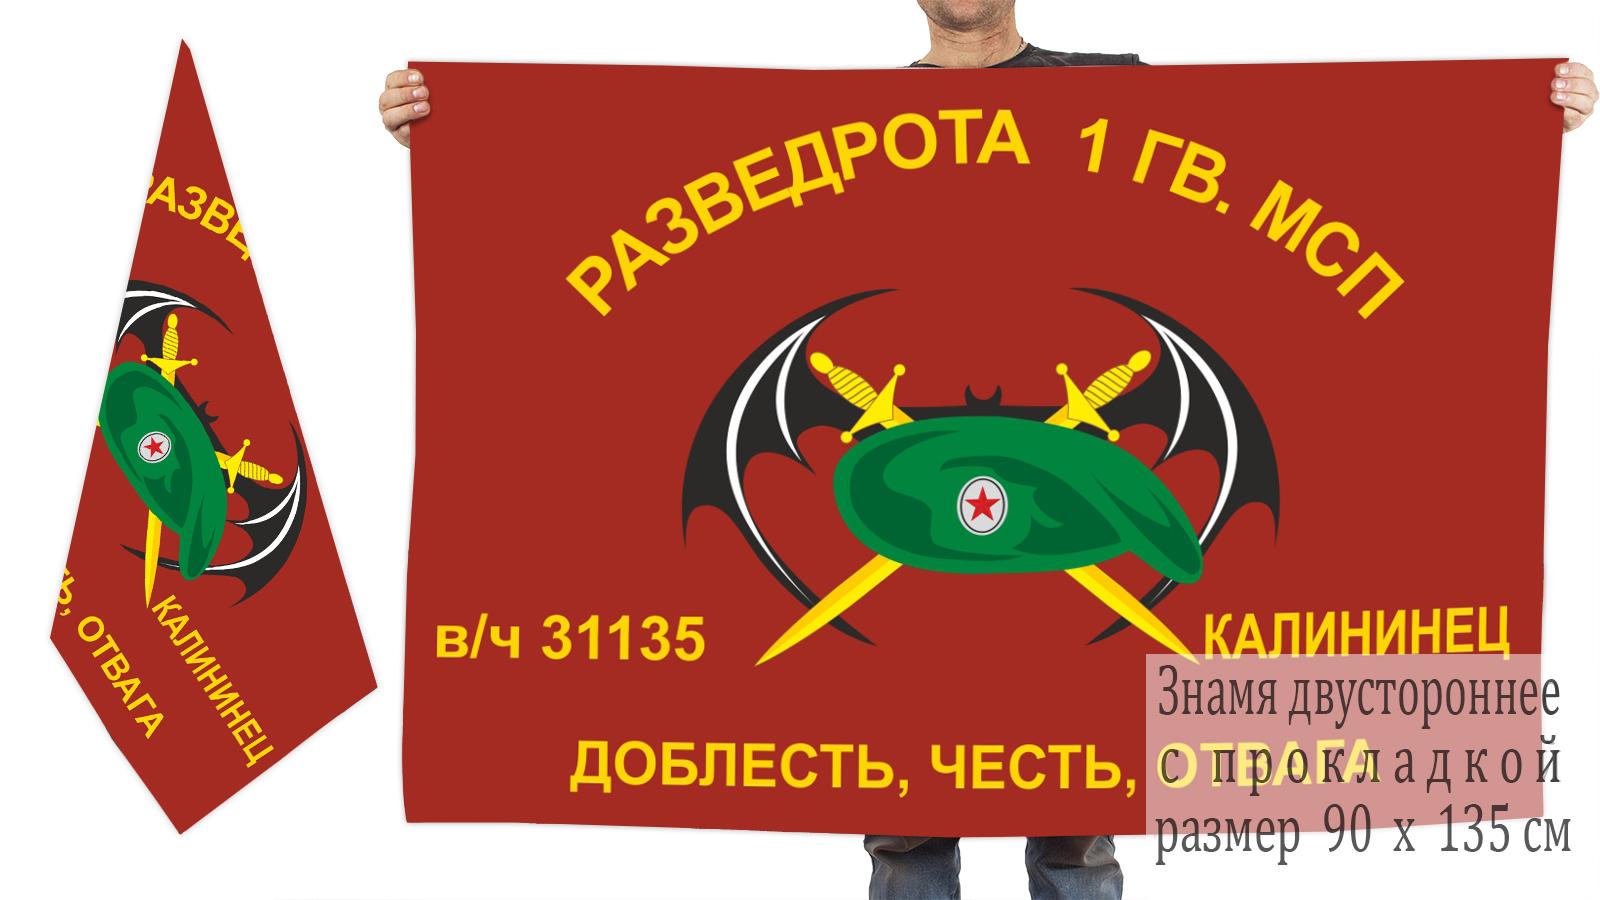 Двусторонний флаг Разведроты 1 Гв. МСП